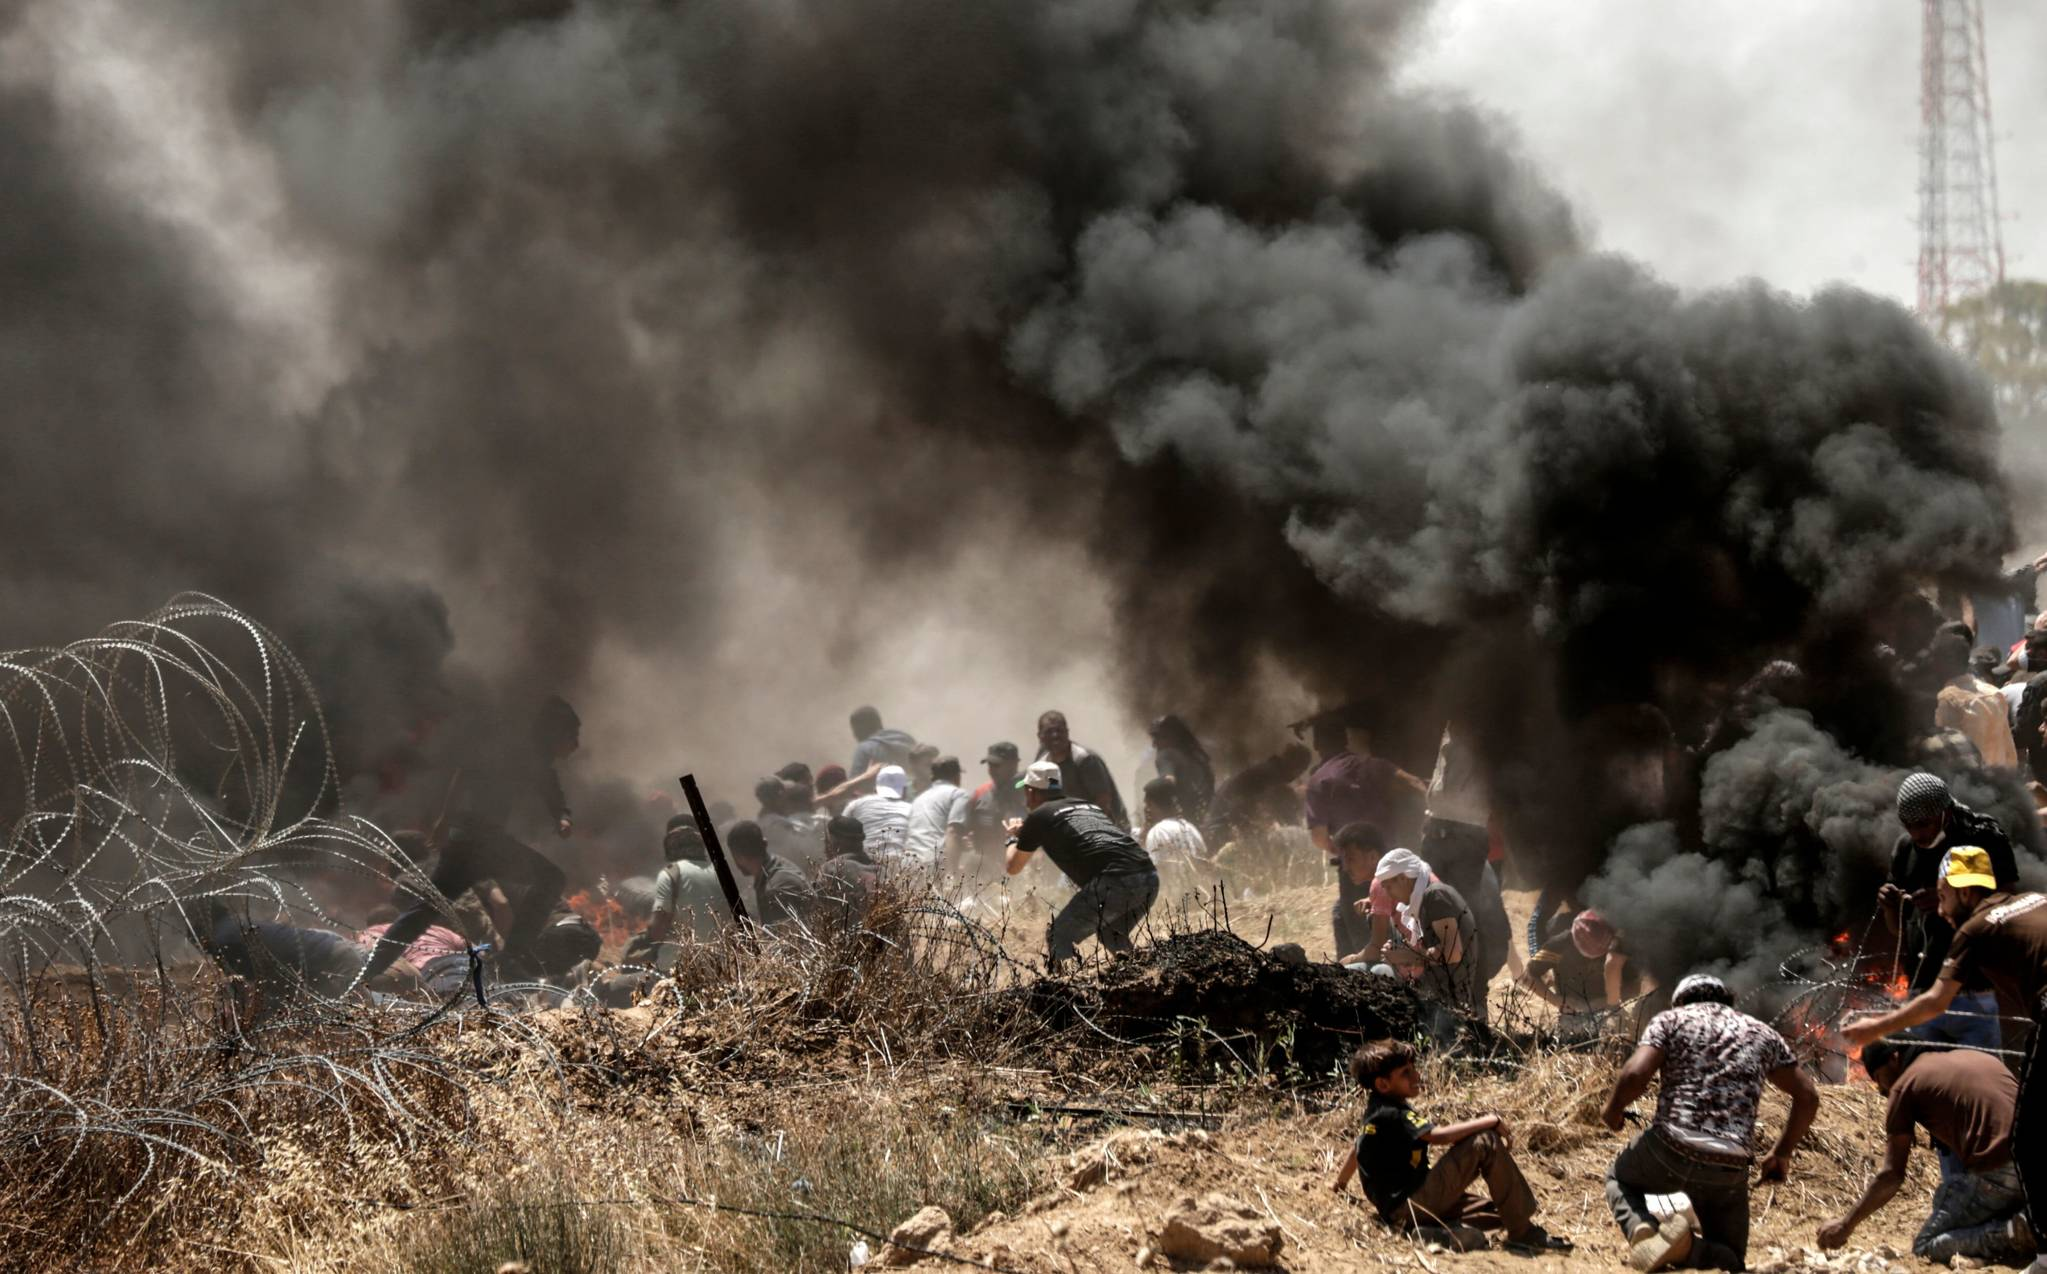 14일 가자지구에서 팔레스타인 시위대와 이스라엘 군인 간 충돌이 발생하고 있다. [AFP=연합뉴스]